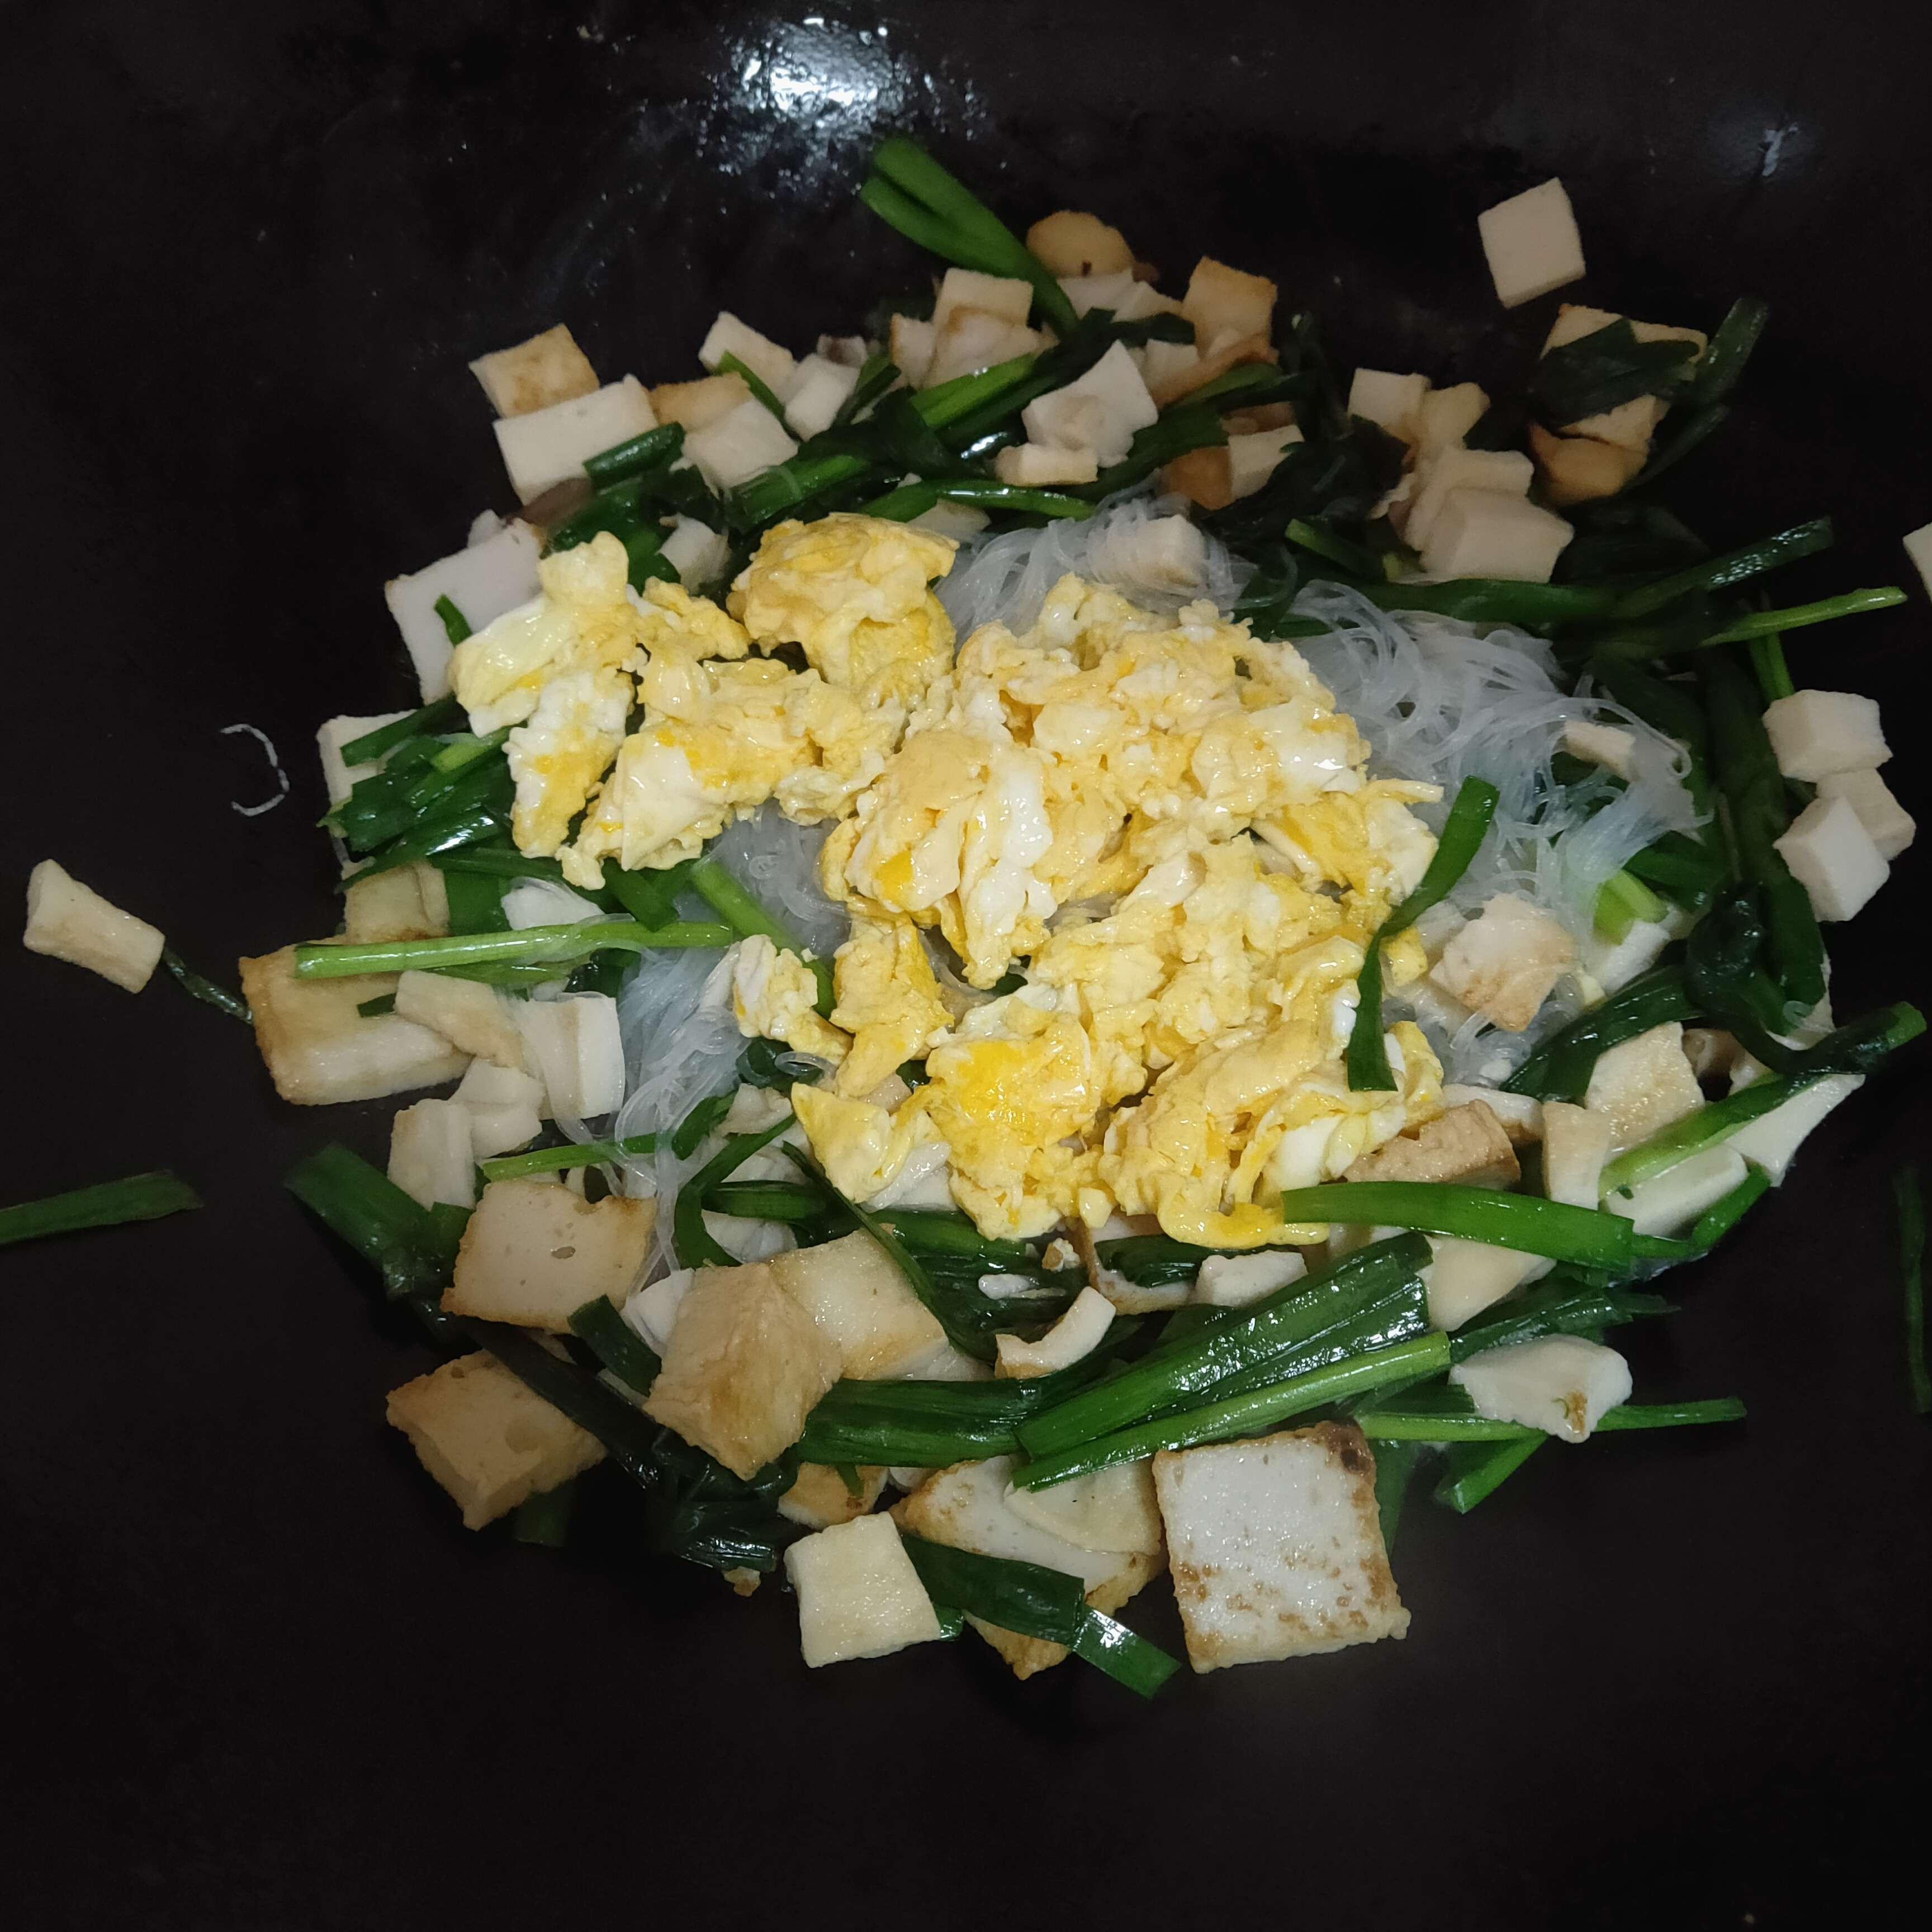 韭菜炒粉丝的简单做法